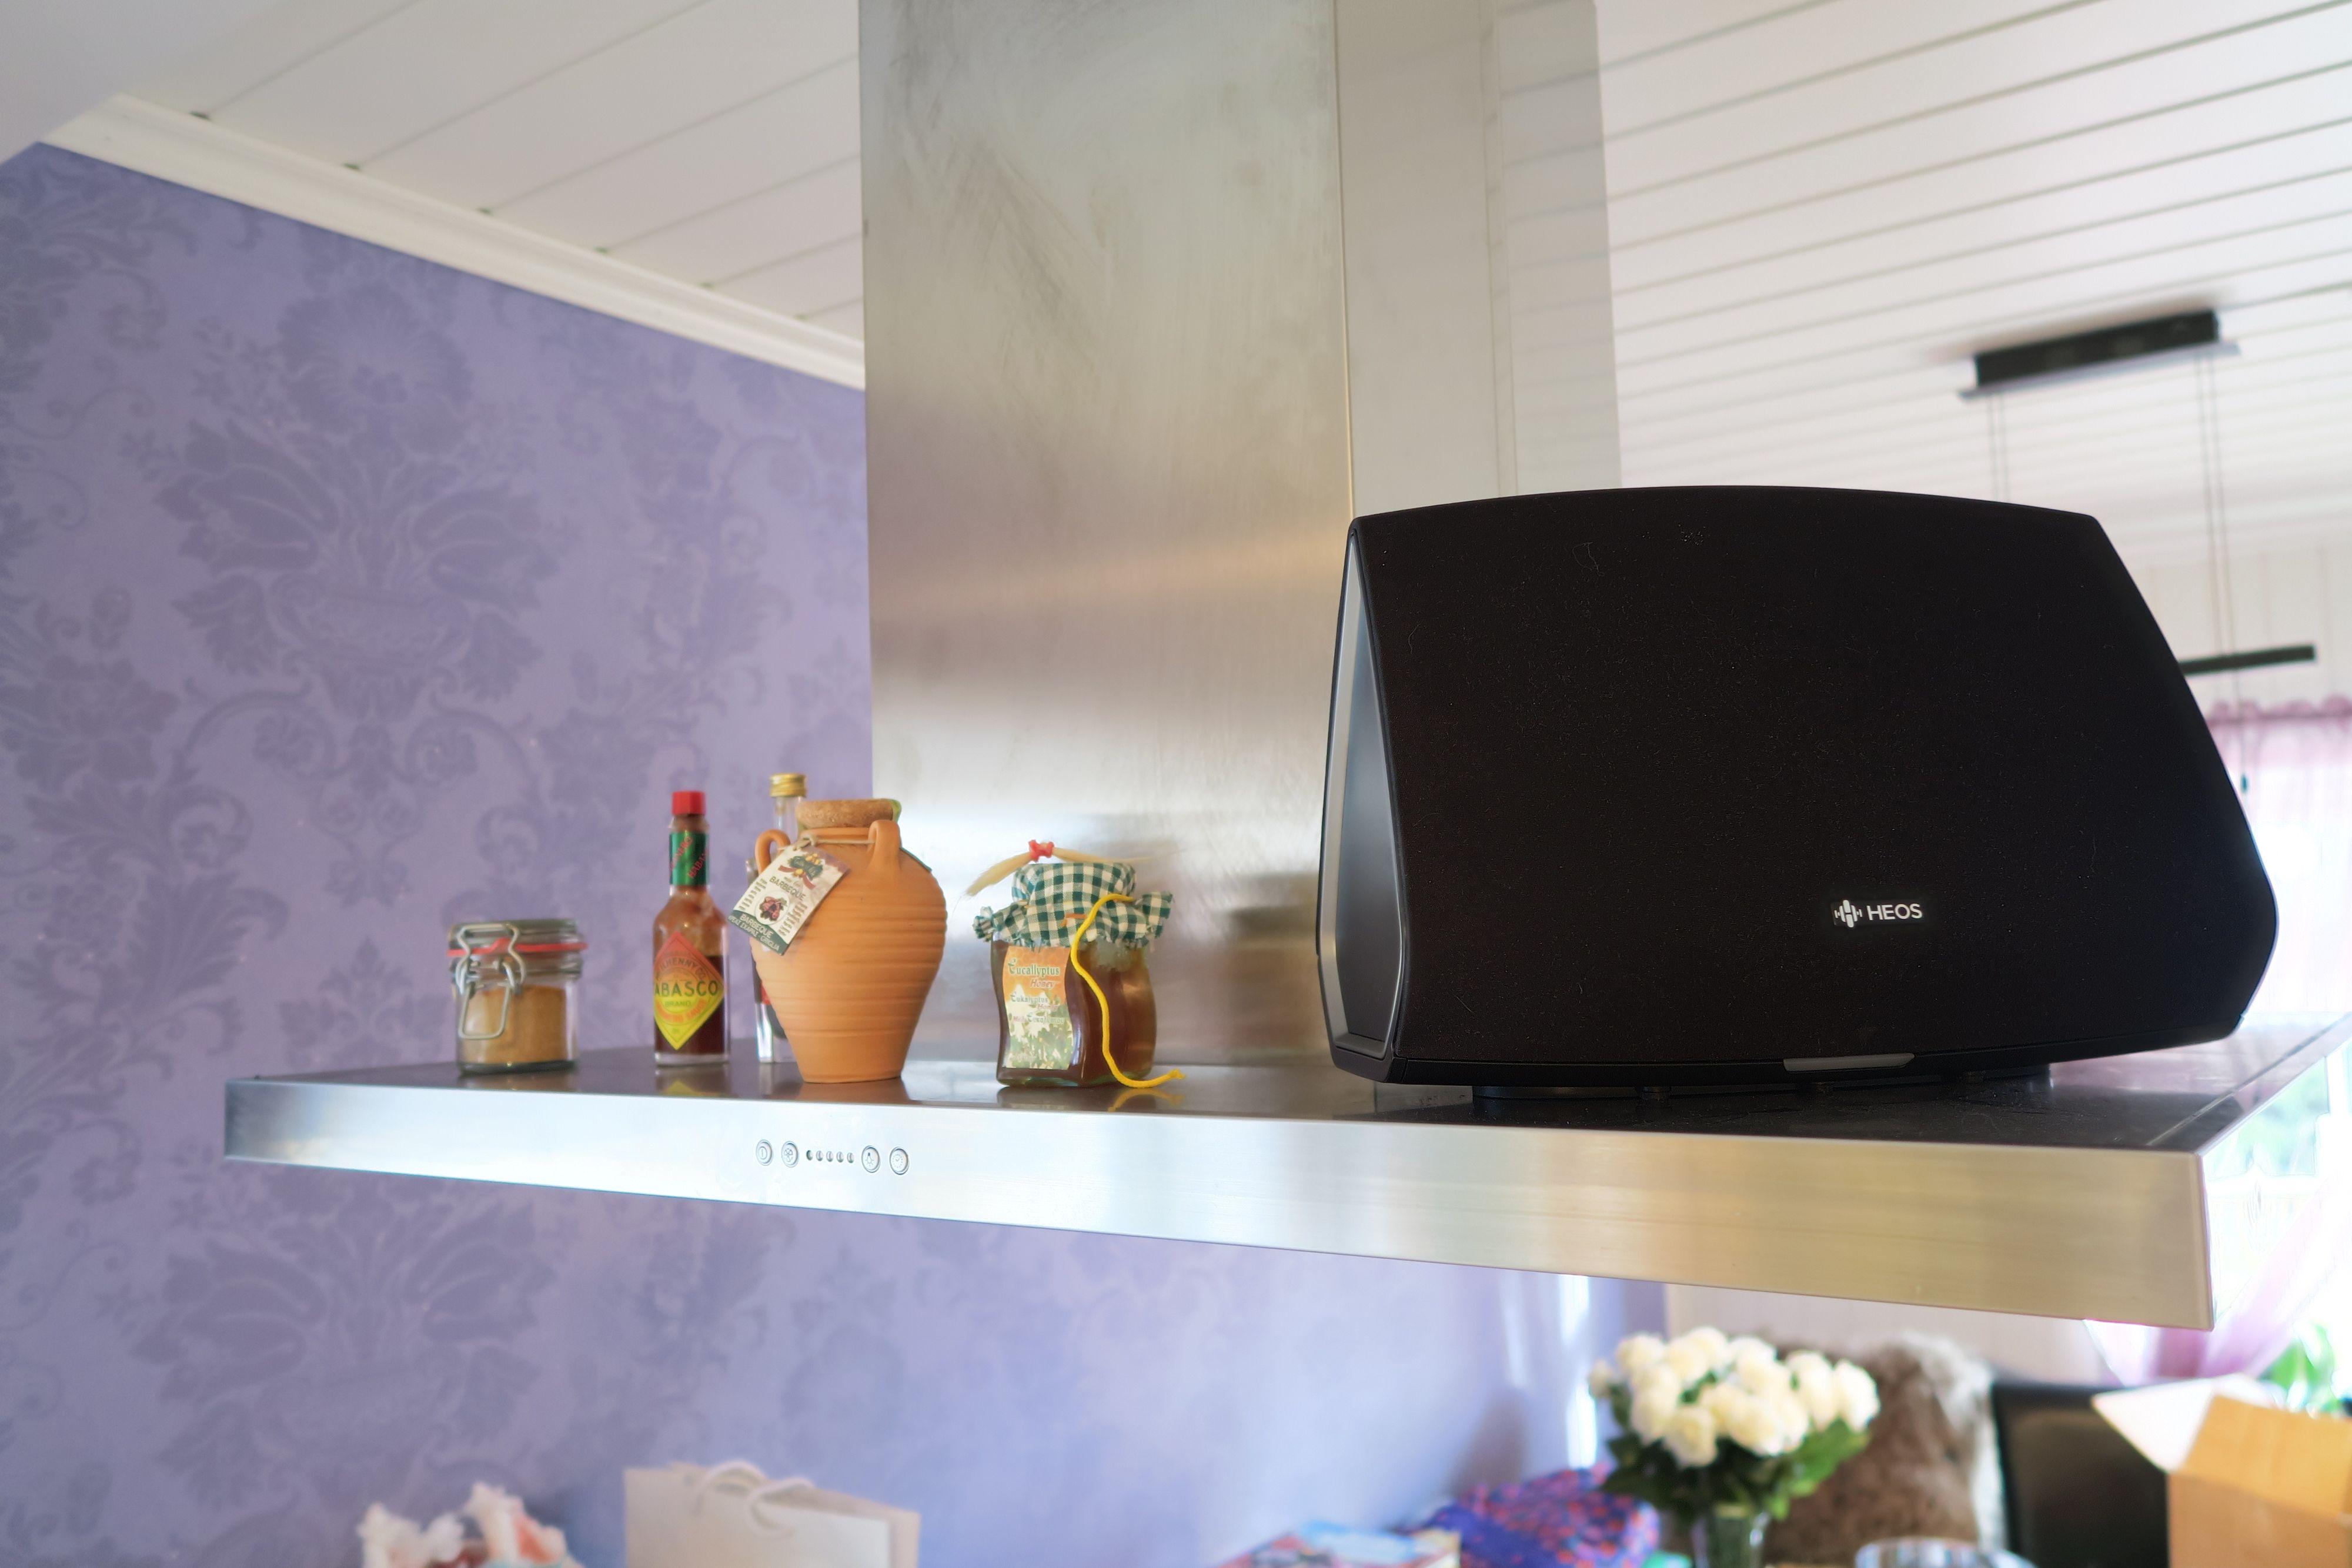 HEOS 5 er litt mindre enn HEOS 7, og kan for eksempel stå på kjøkkenet ditt. Foto: Ole Henrik Johansen / Tek.no